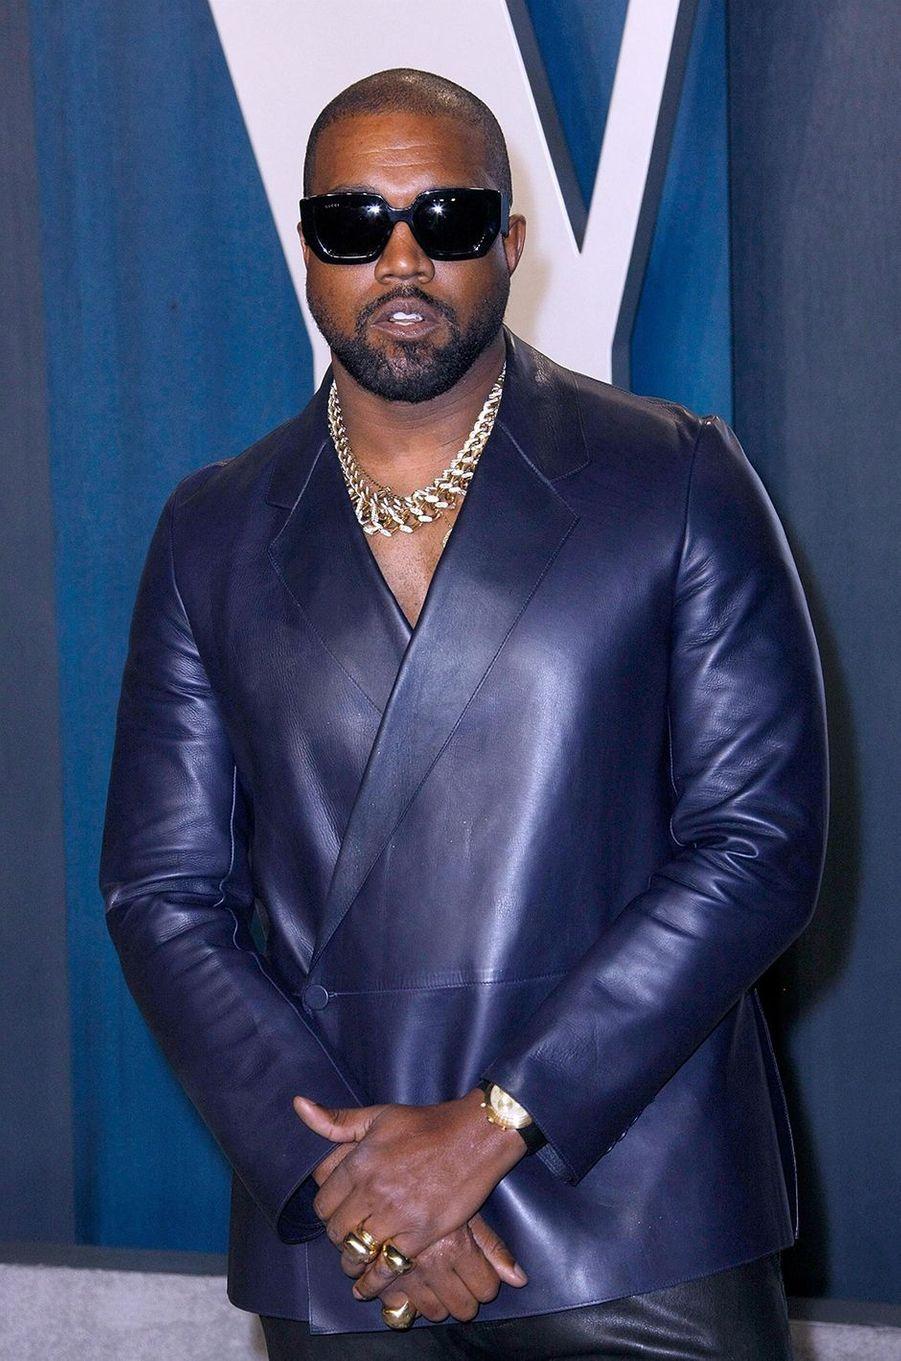 Tendances monde : Kanye West est 7e dans le Top 10 des personnalités les plus recherchée sur Google en 2020